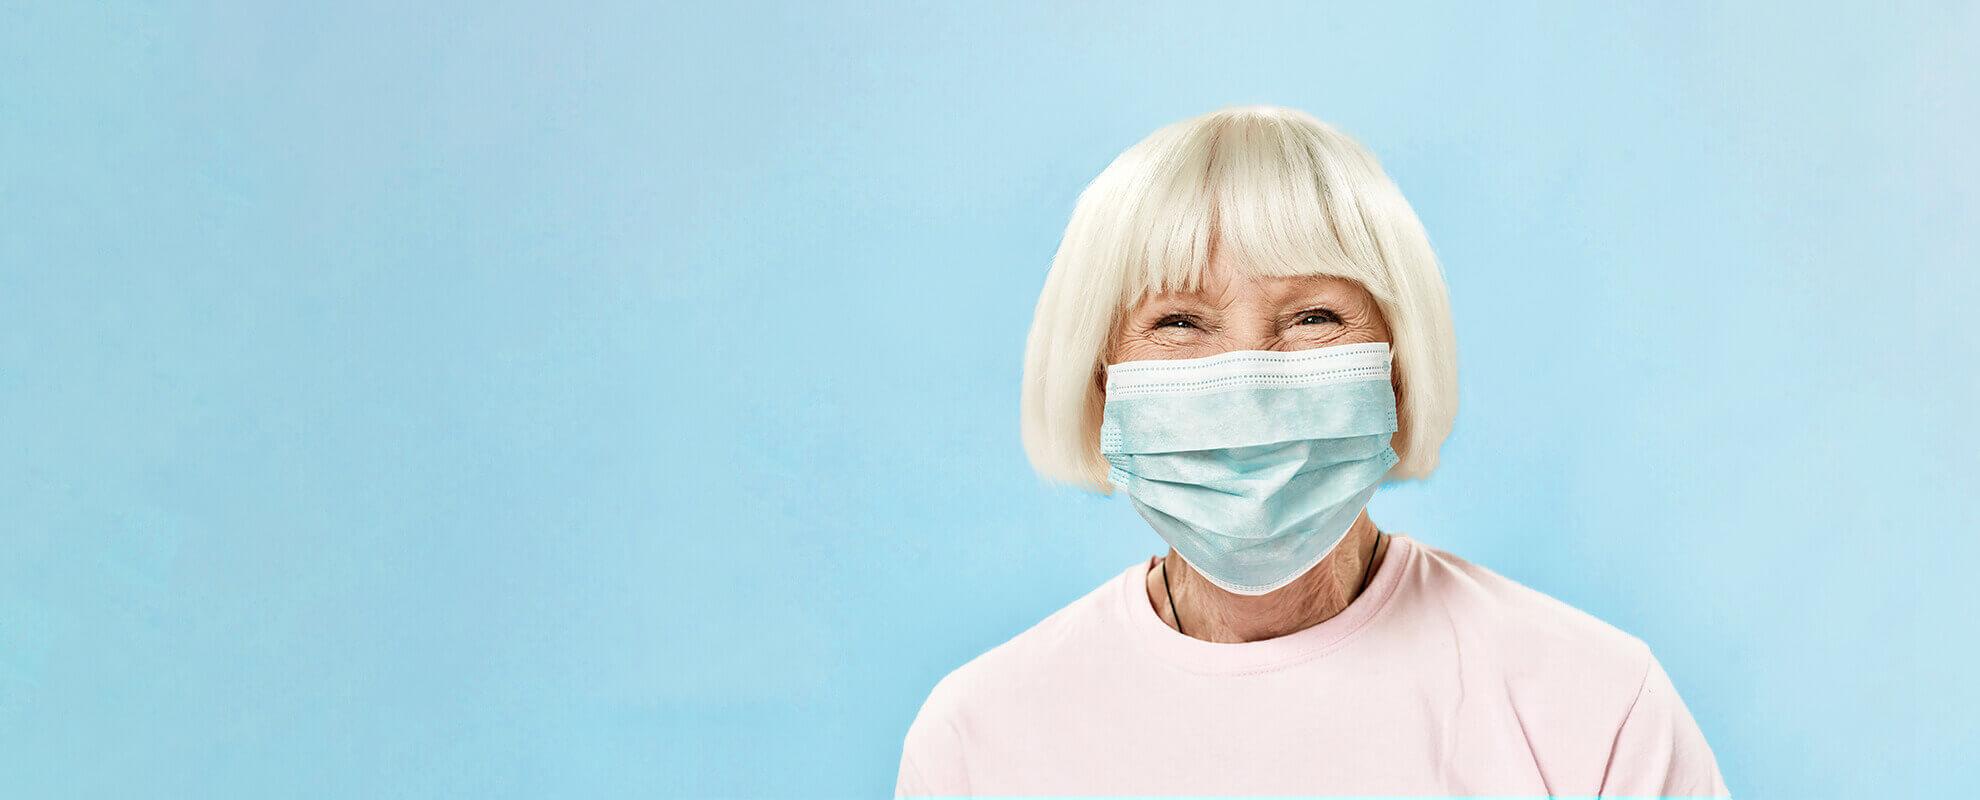 fogaszat koronavirus